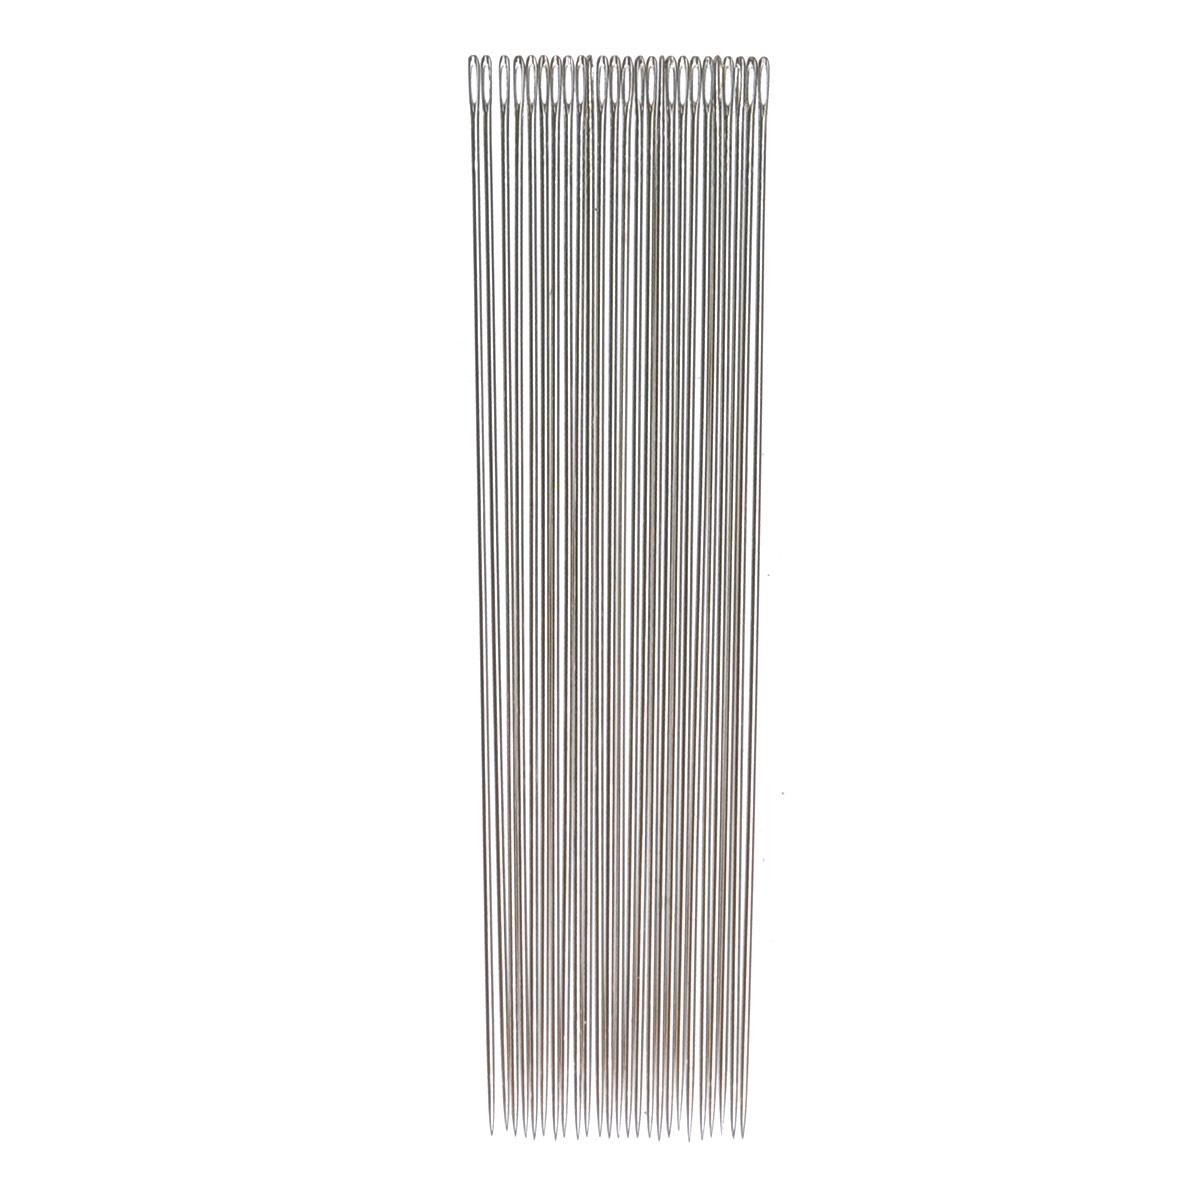 Иглы ручные Prym для бисера, №10, 25 шт124377Ручные иглы Prym, изготовленные из стали высокого качества с ушком, предназначены для вышивания бисером. Иглы очень тонкие, длинные и с острым острием.